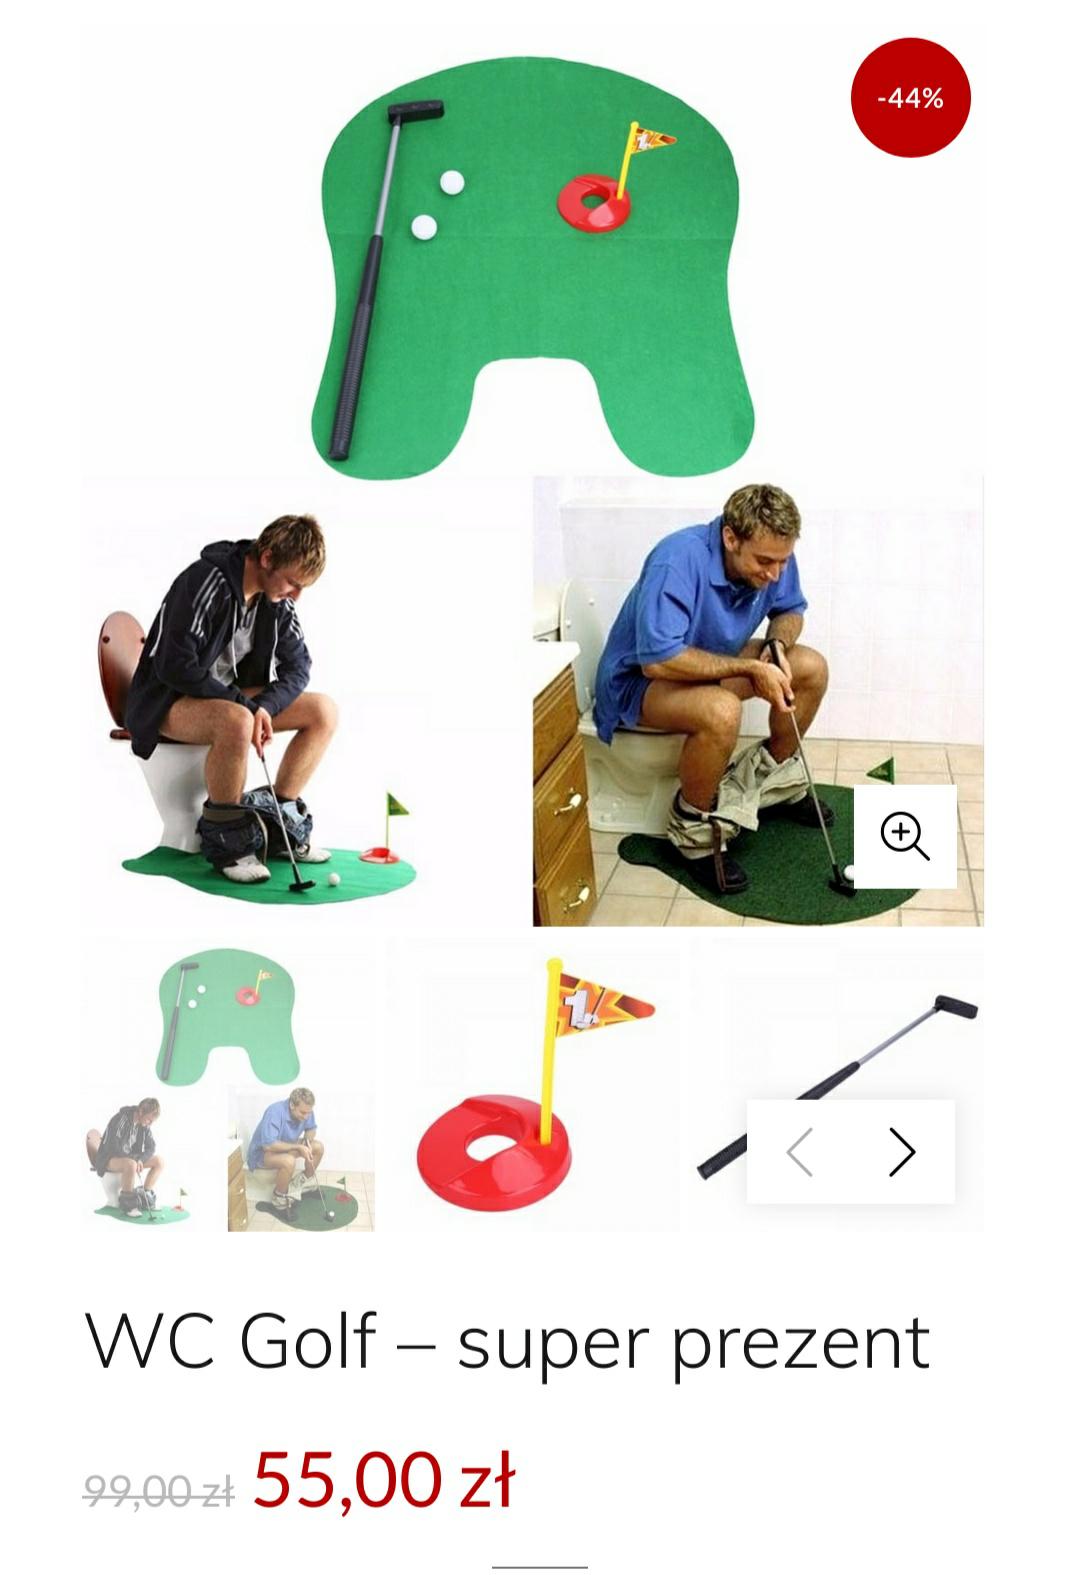 WC Golf – super prezent